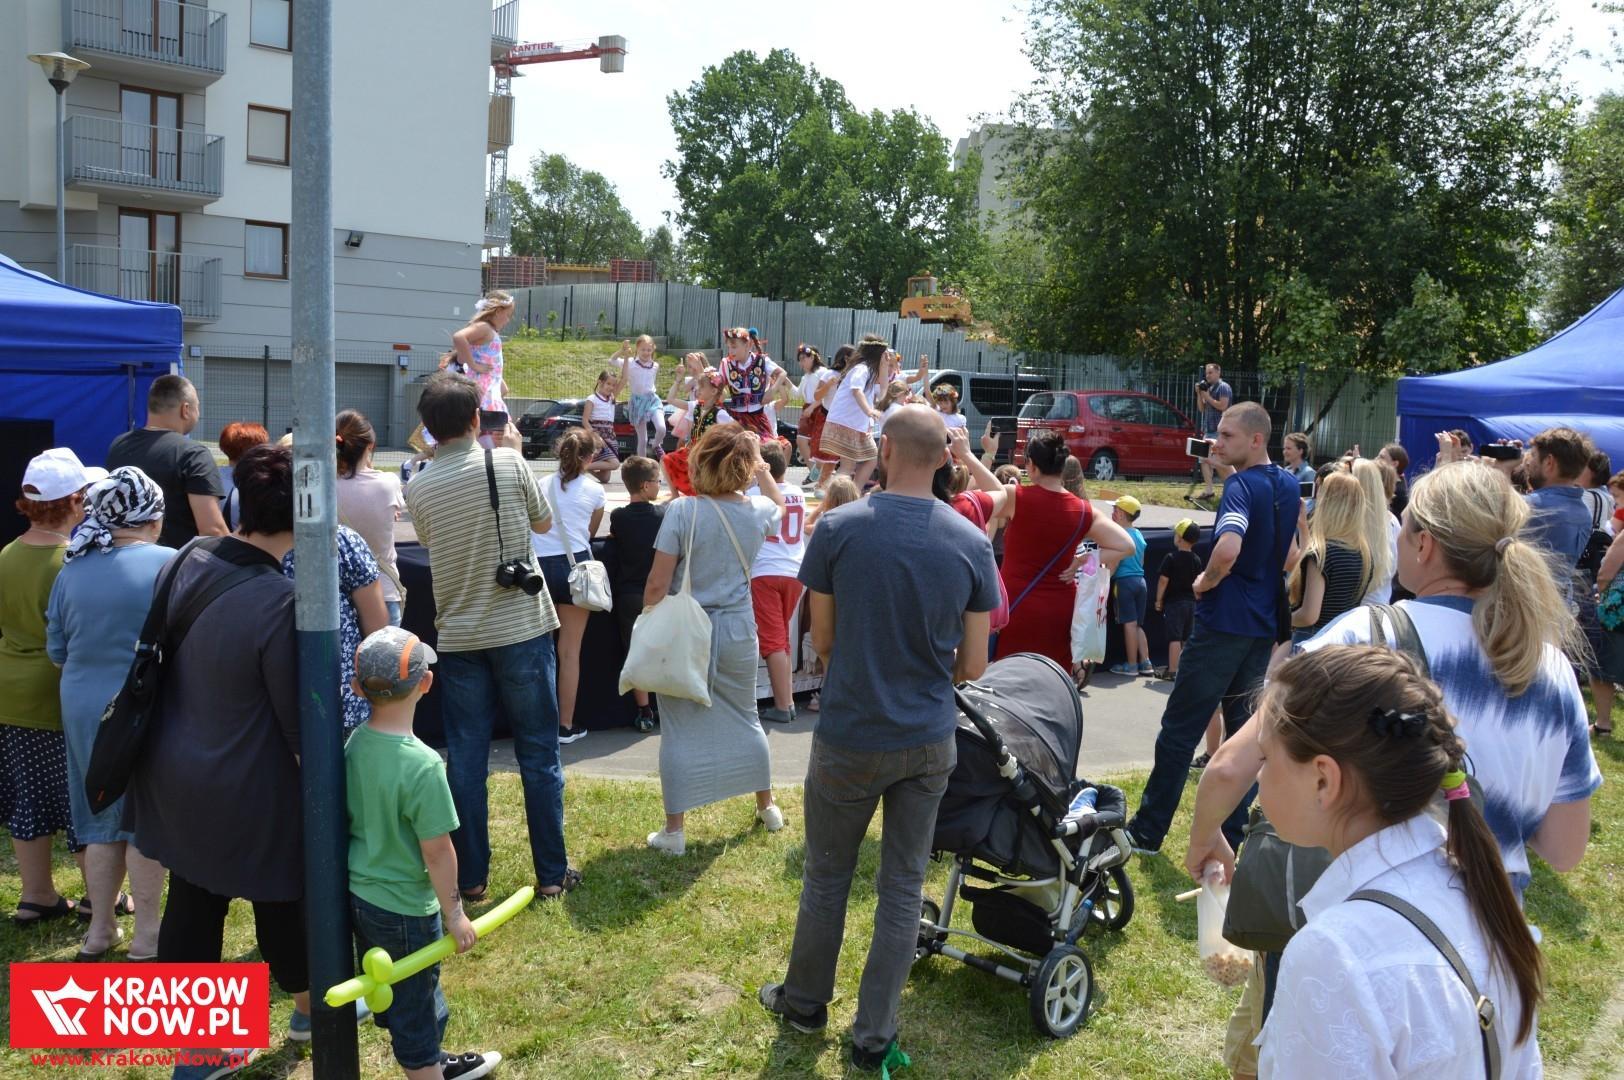 25 lat osiedla rzaka krakow festyn rodzinny 75 150x150 - 25 lat Osiedla Rżąka - galeria zdjęć z festynu